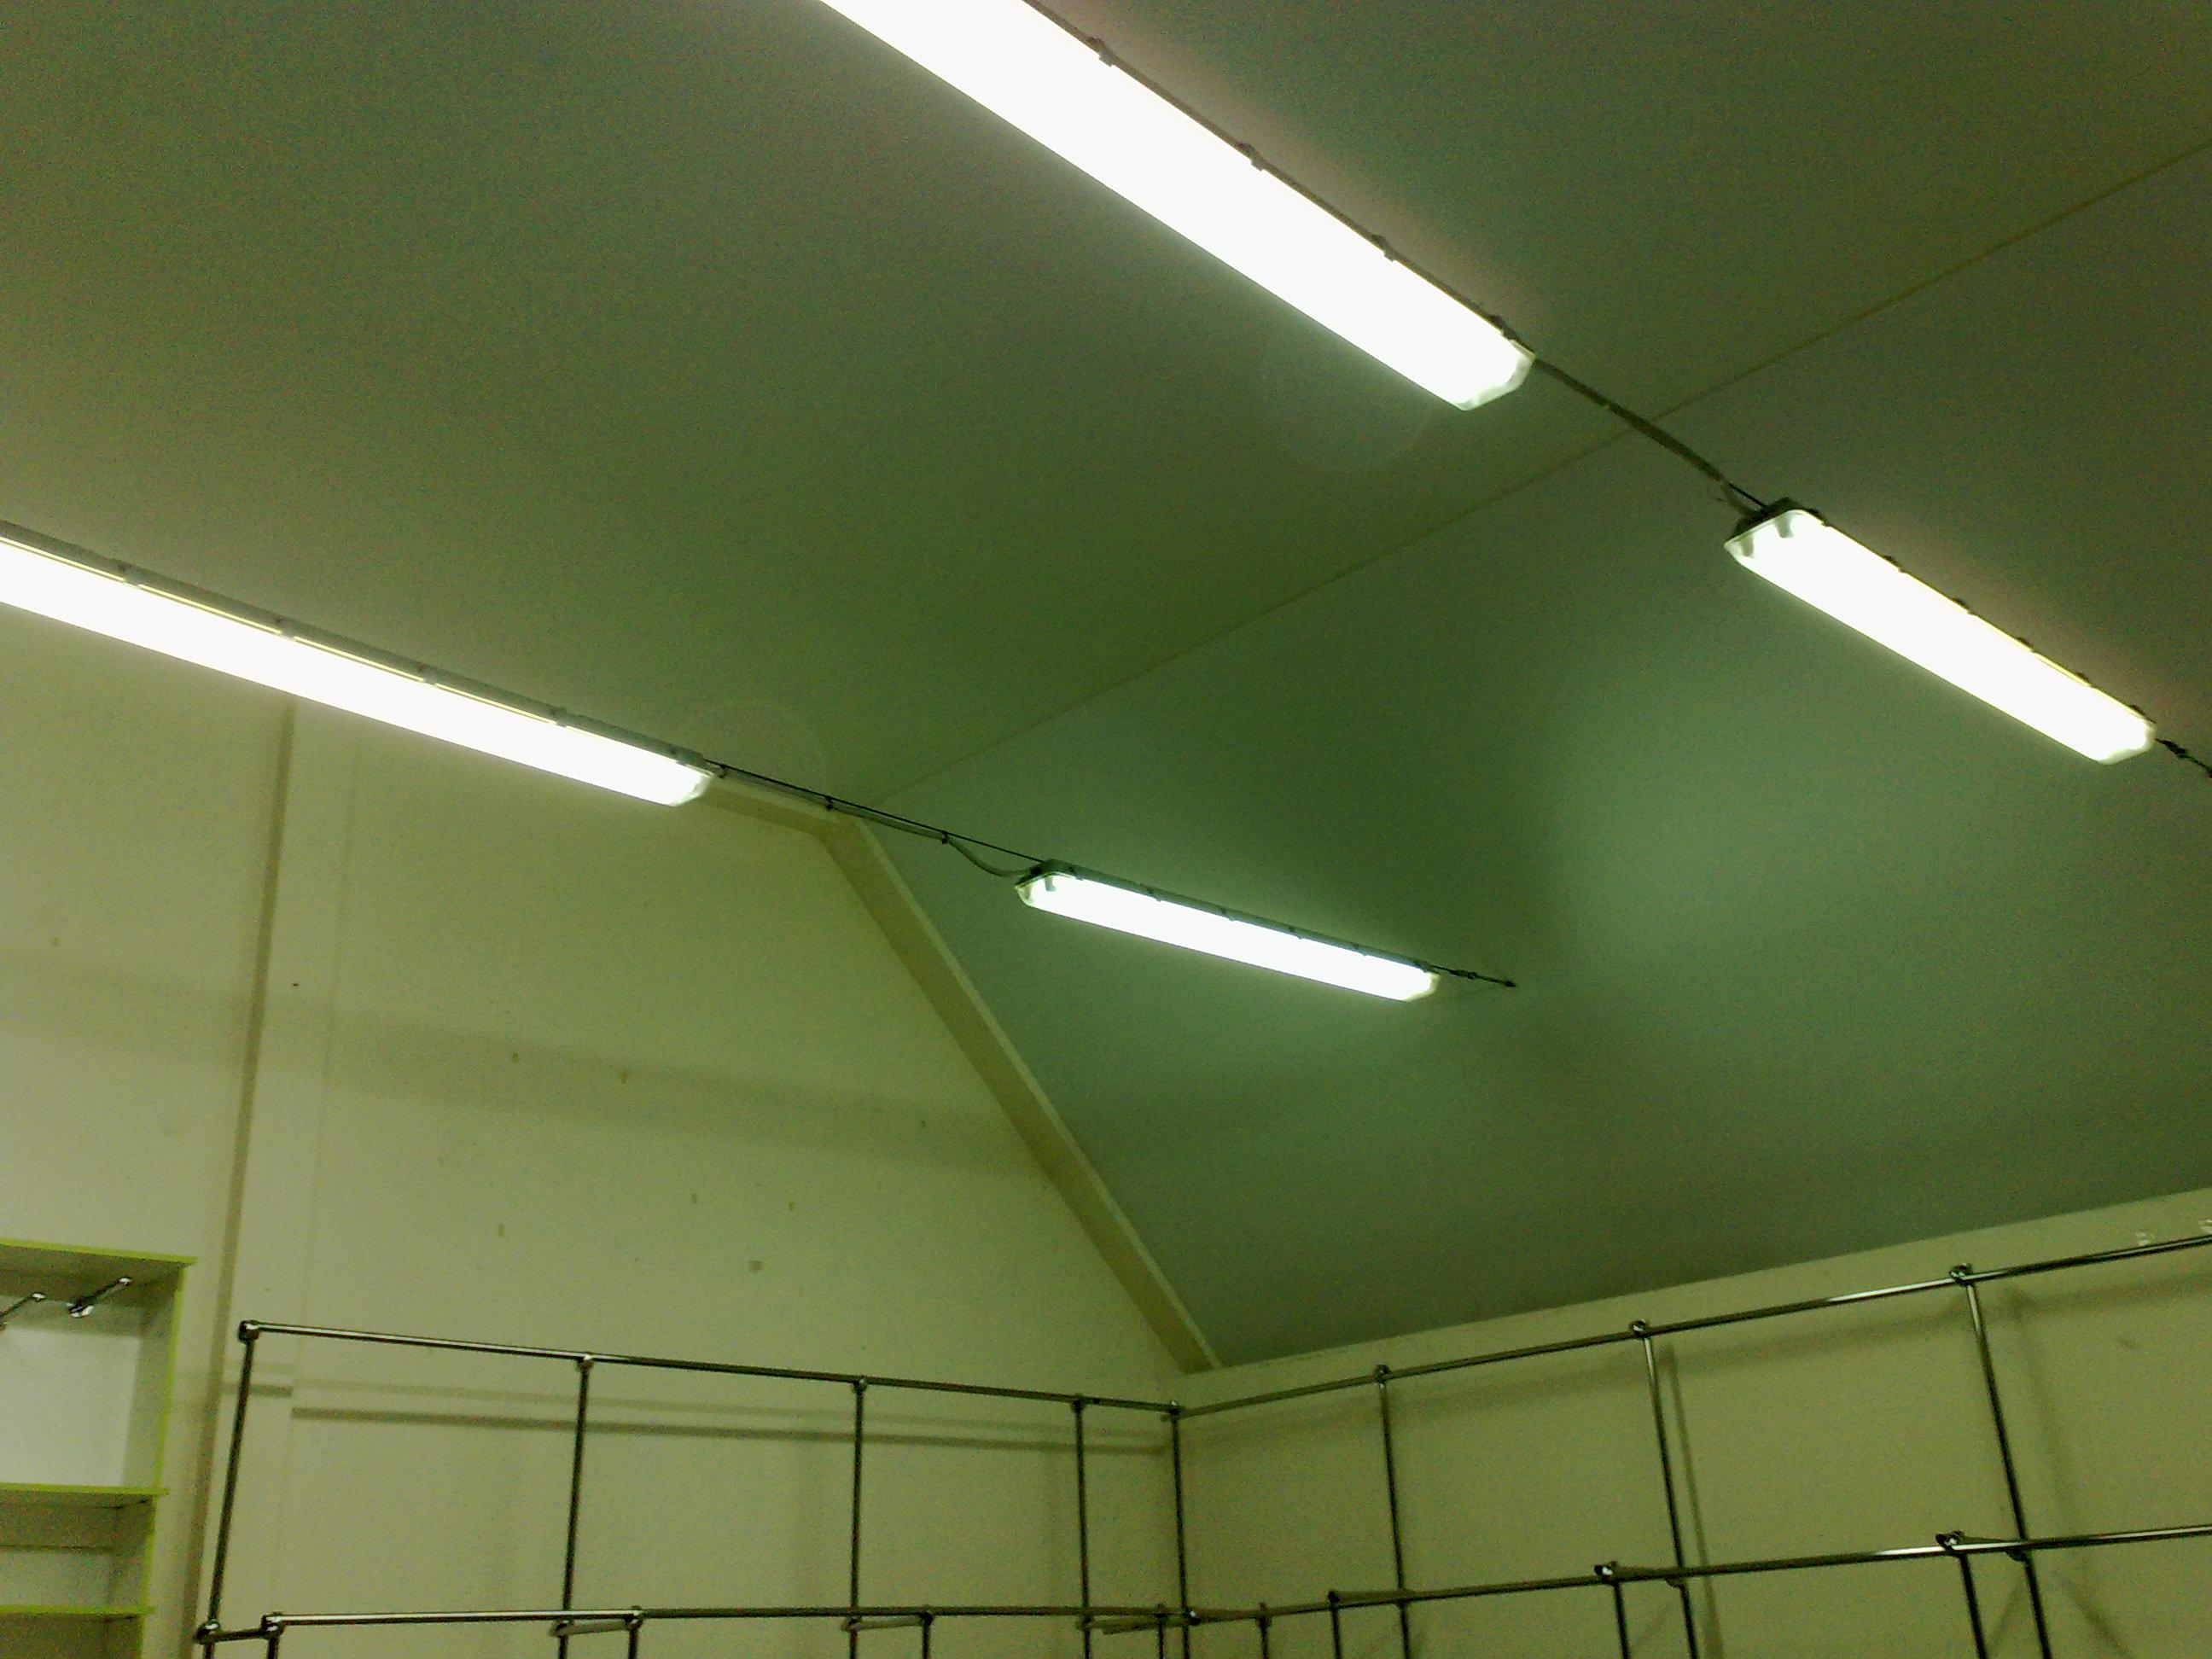 Монтаж натяжного потолка для улучшения теплоизоляции помещения